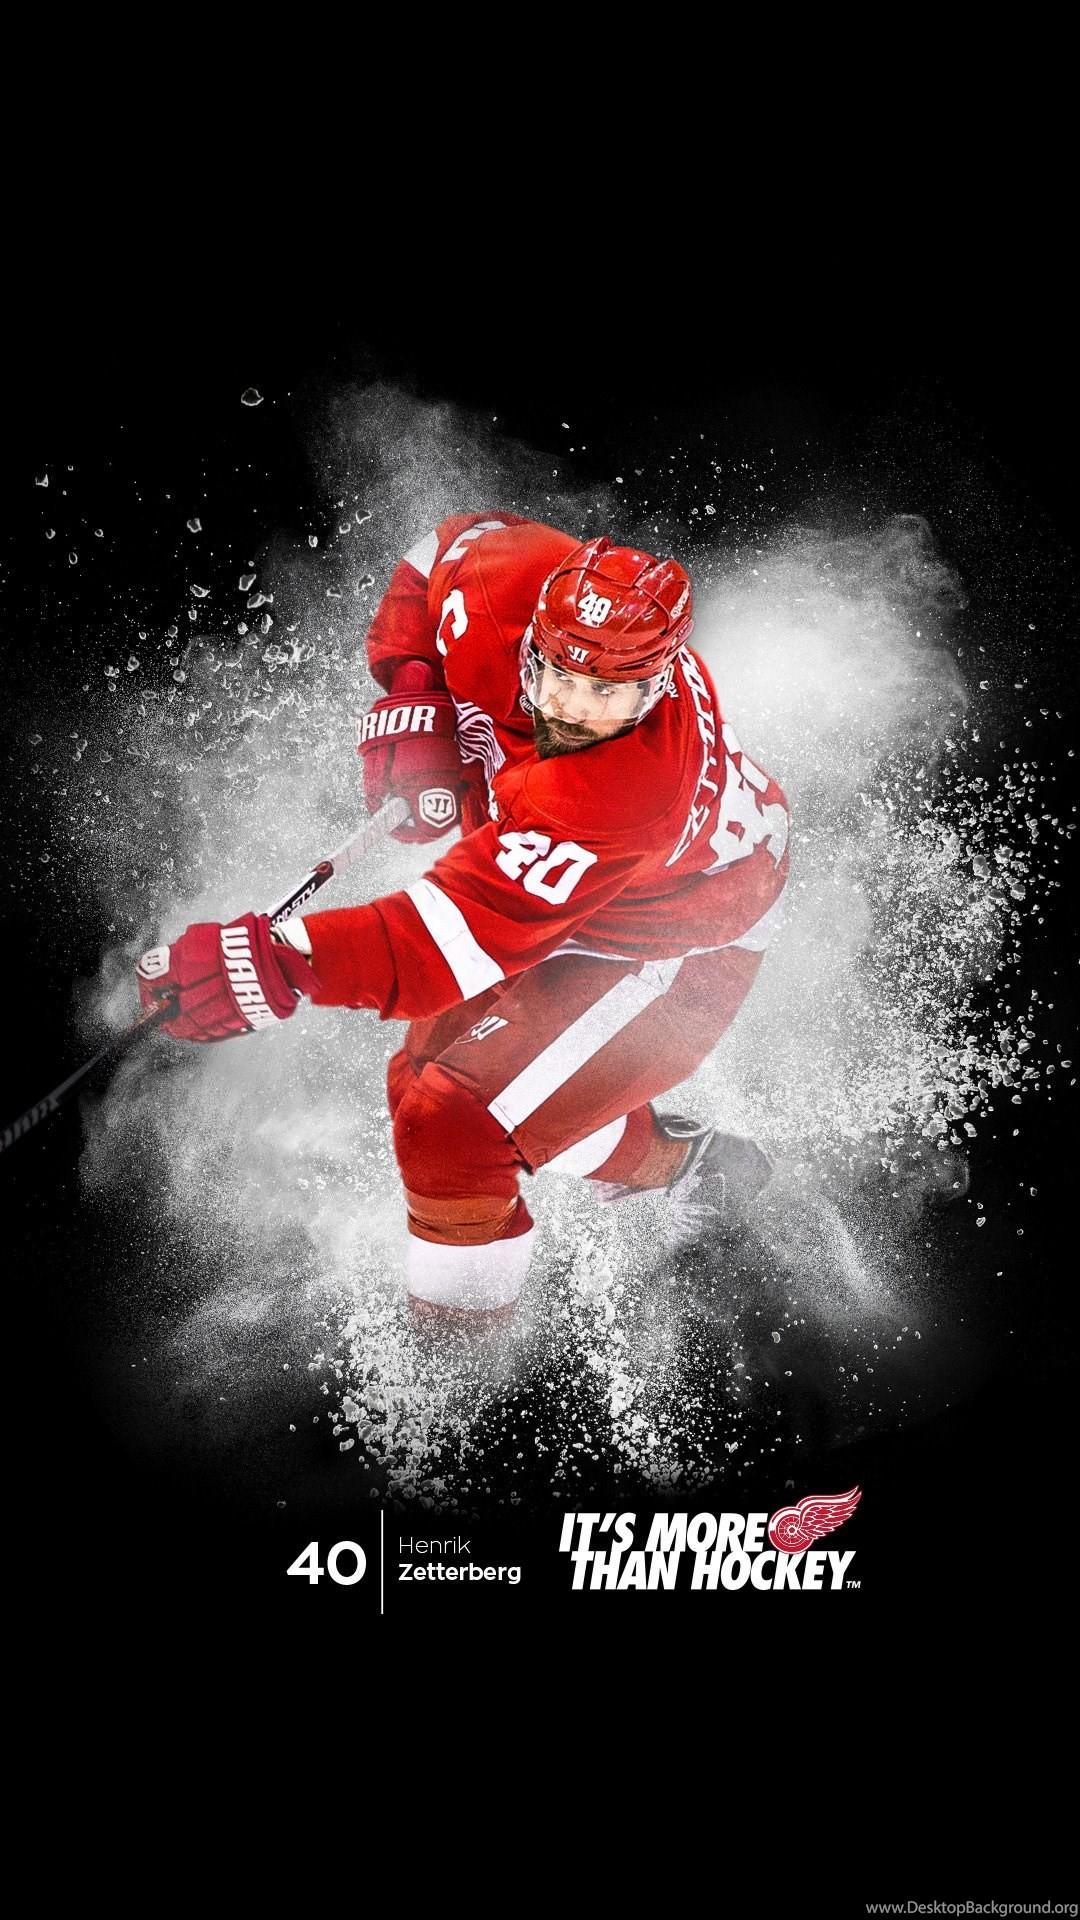 Картинки на телефон спорт хоккей на хонор